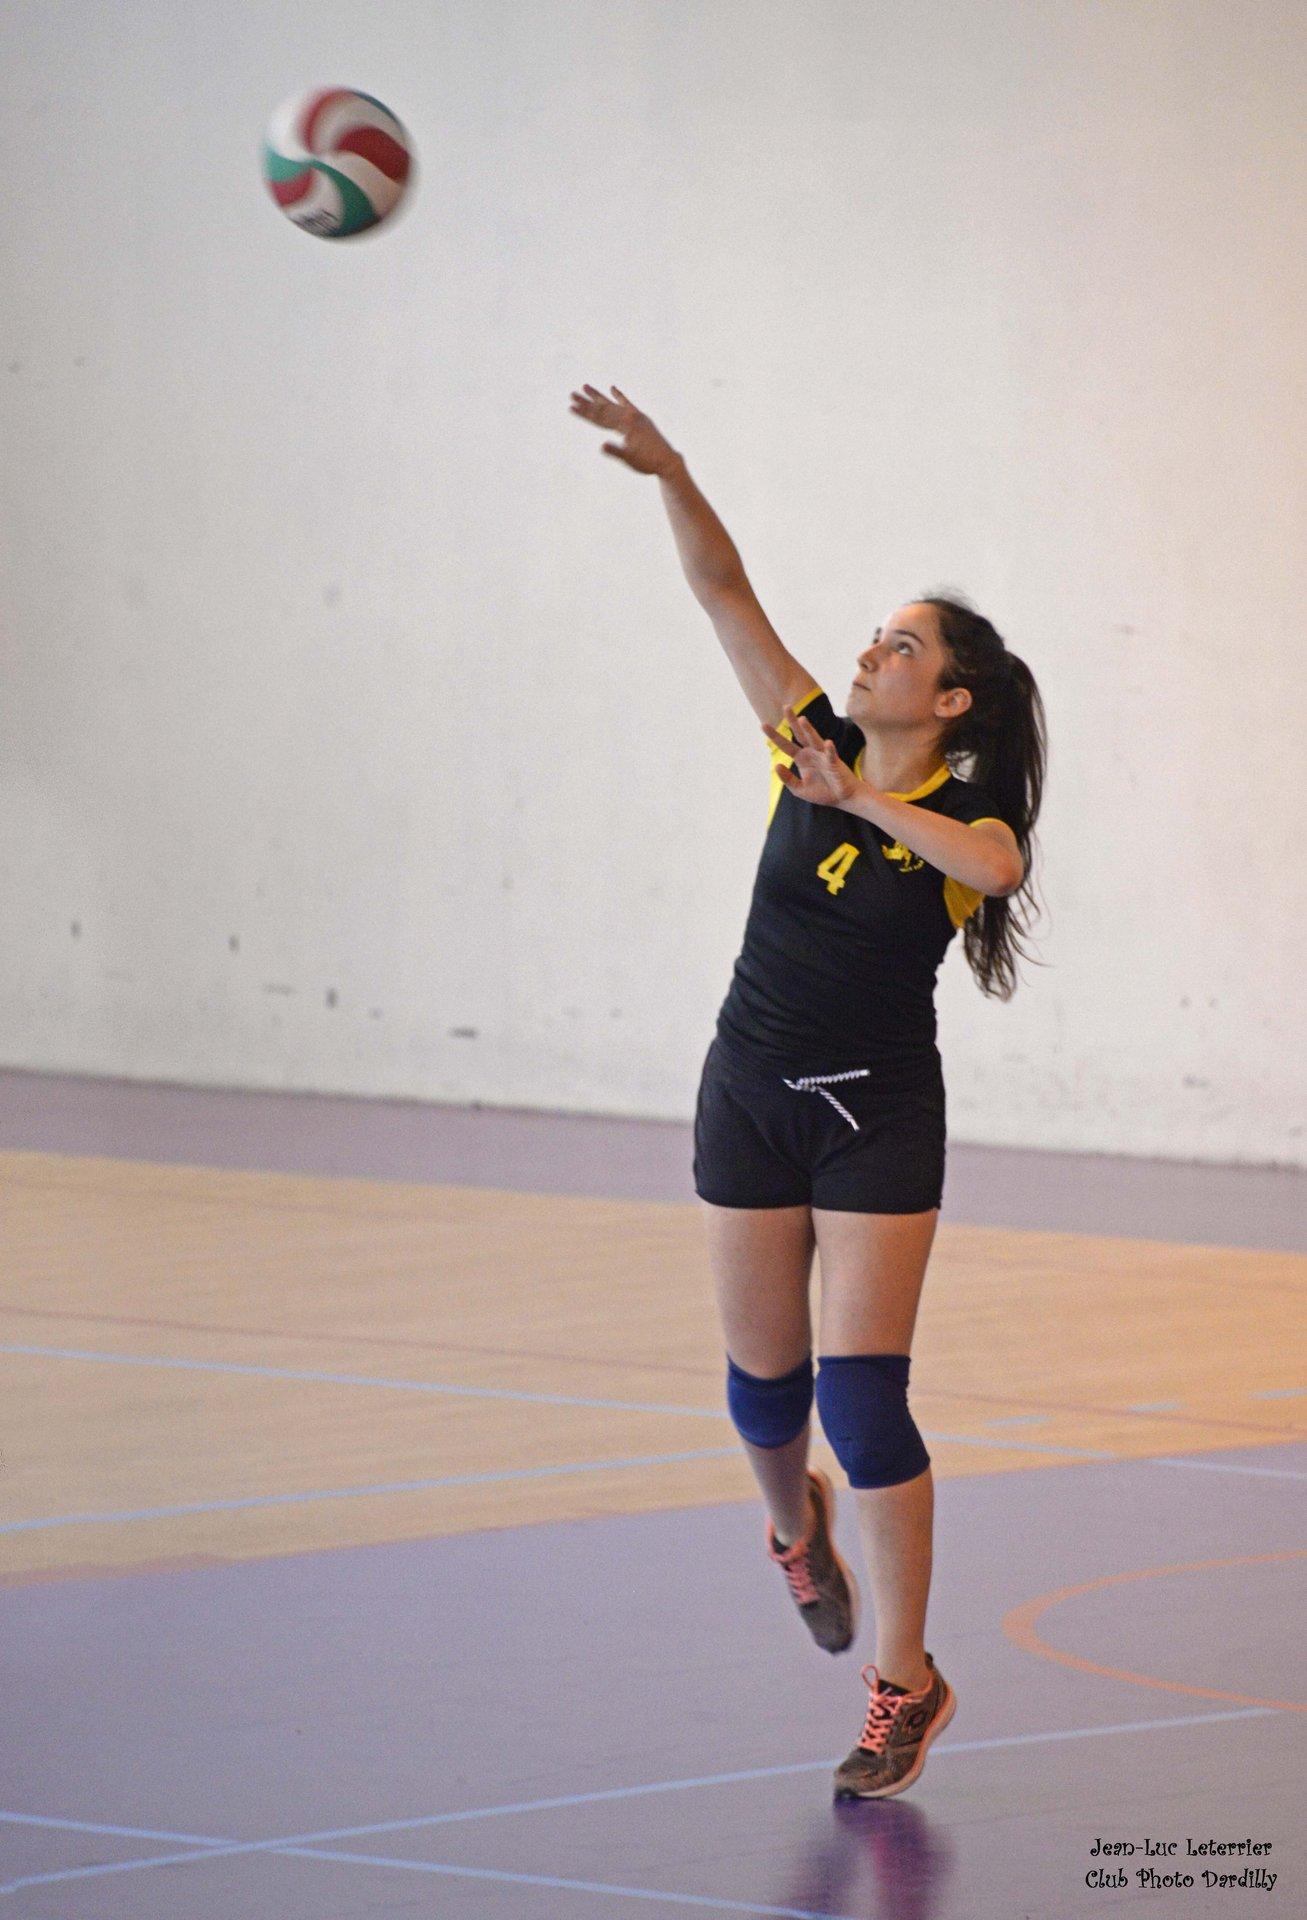 08_Volley_24_JLL_DSC8166